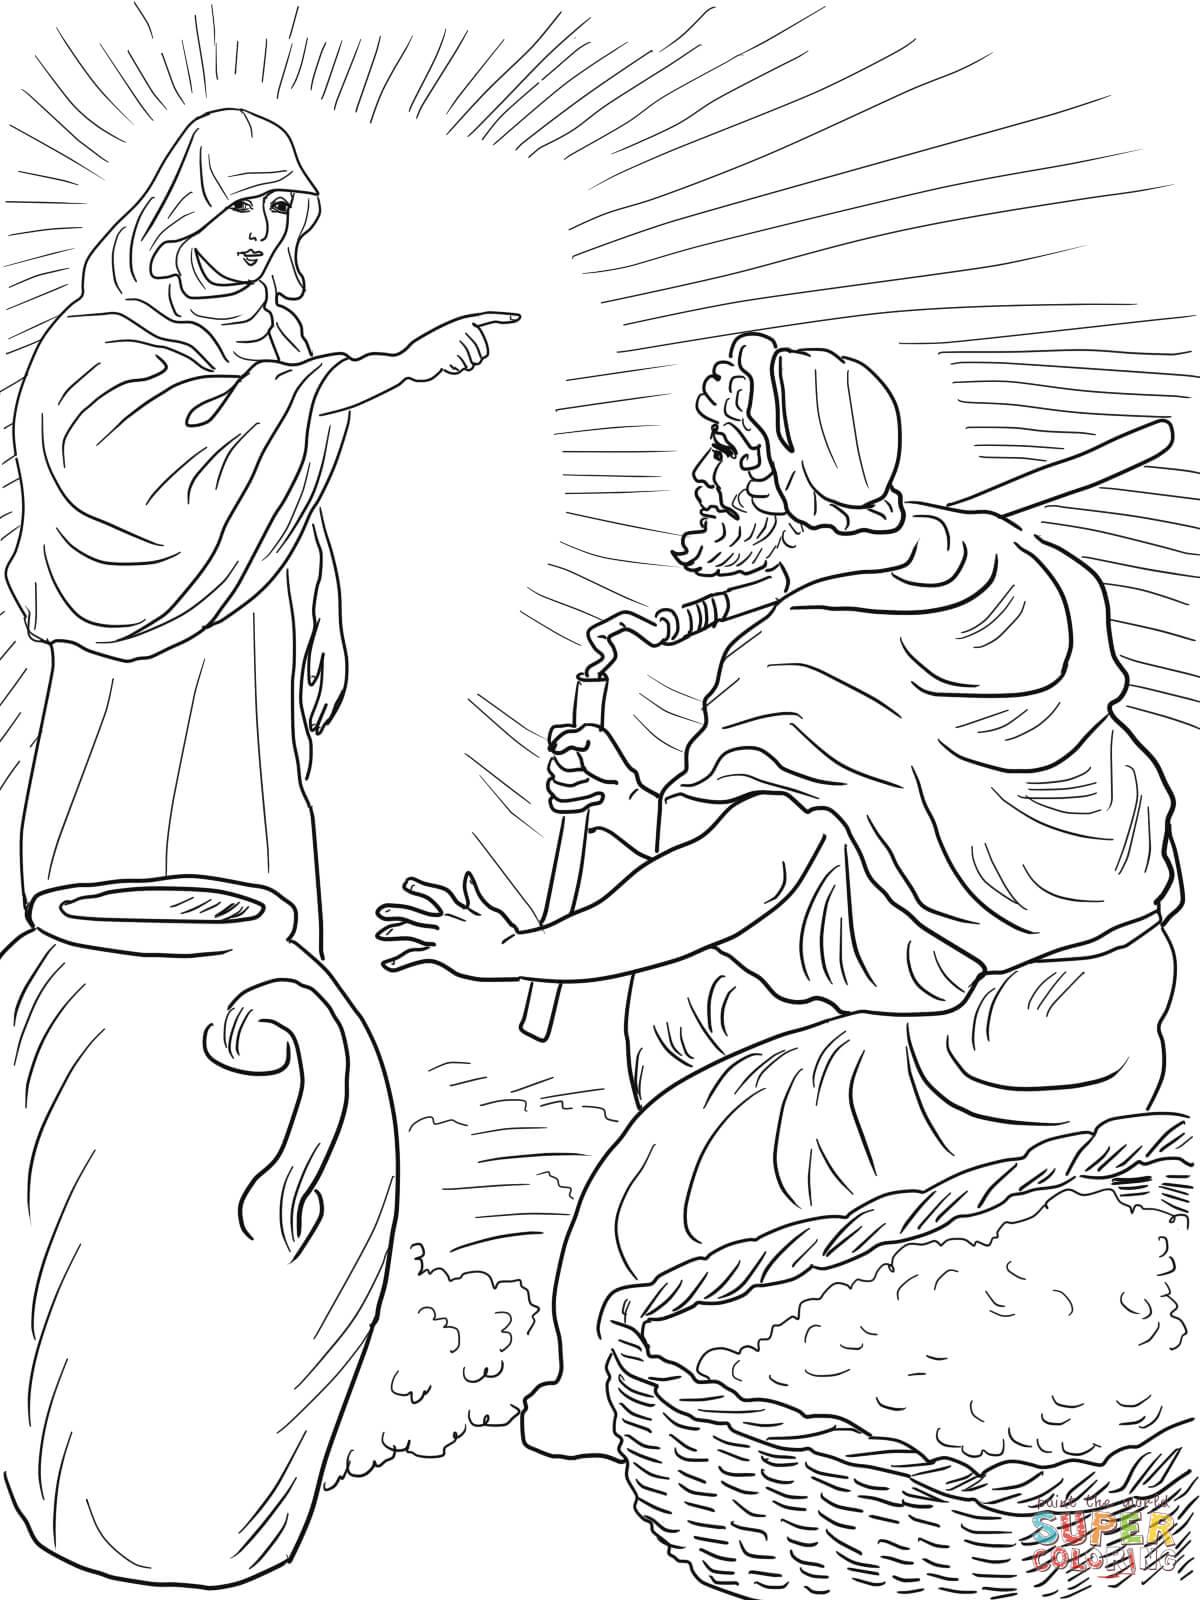 Dibujo De El Angel De Dios Llama A Gedeon Para Colorear